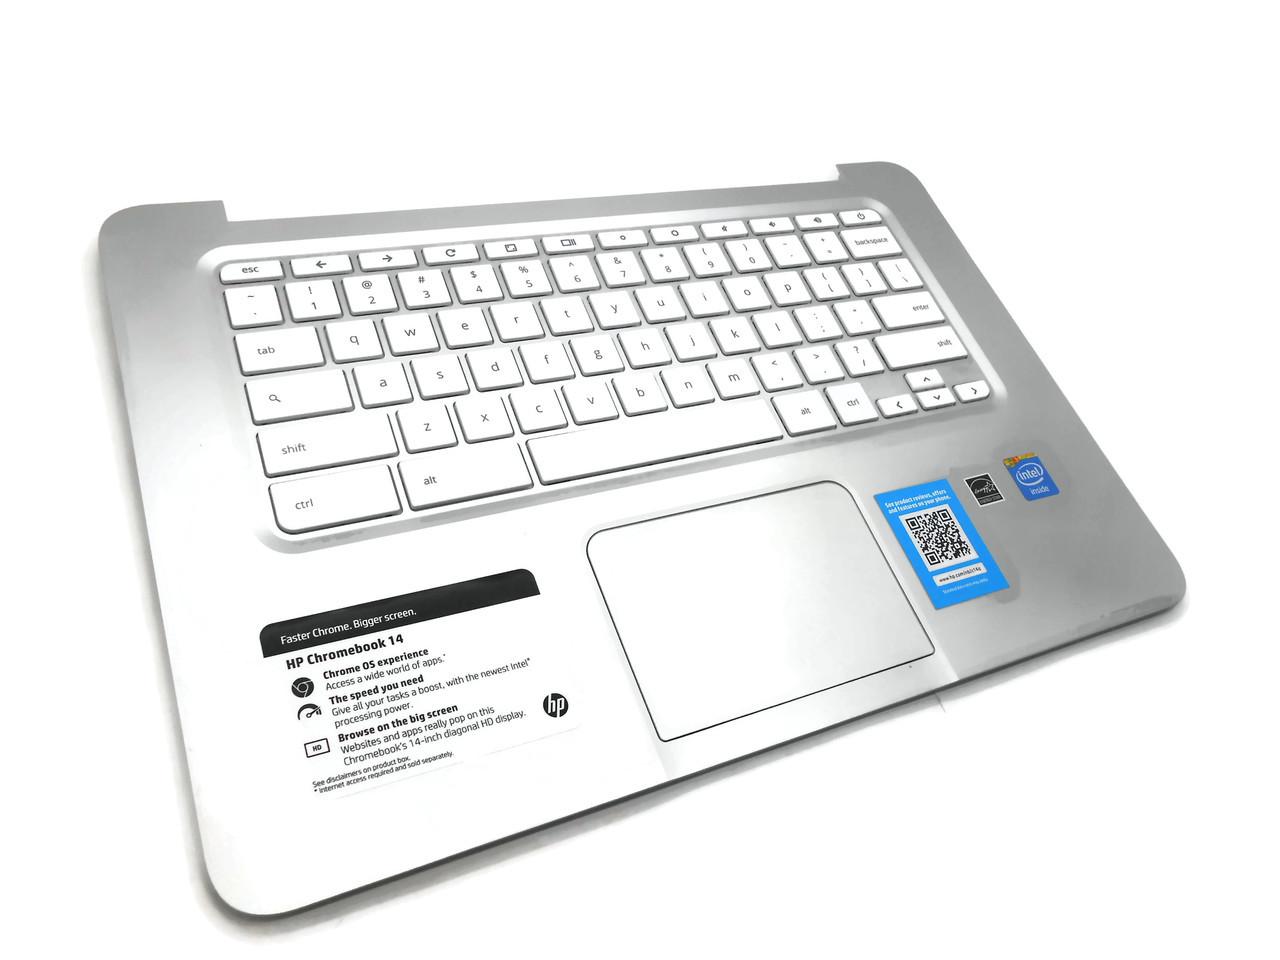 HP Chromebook 14 Palmrest Touchpad + Keyboard 34Y01TSTP00 (RF) 743681-001